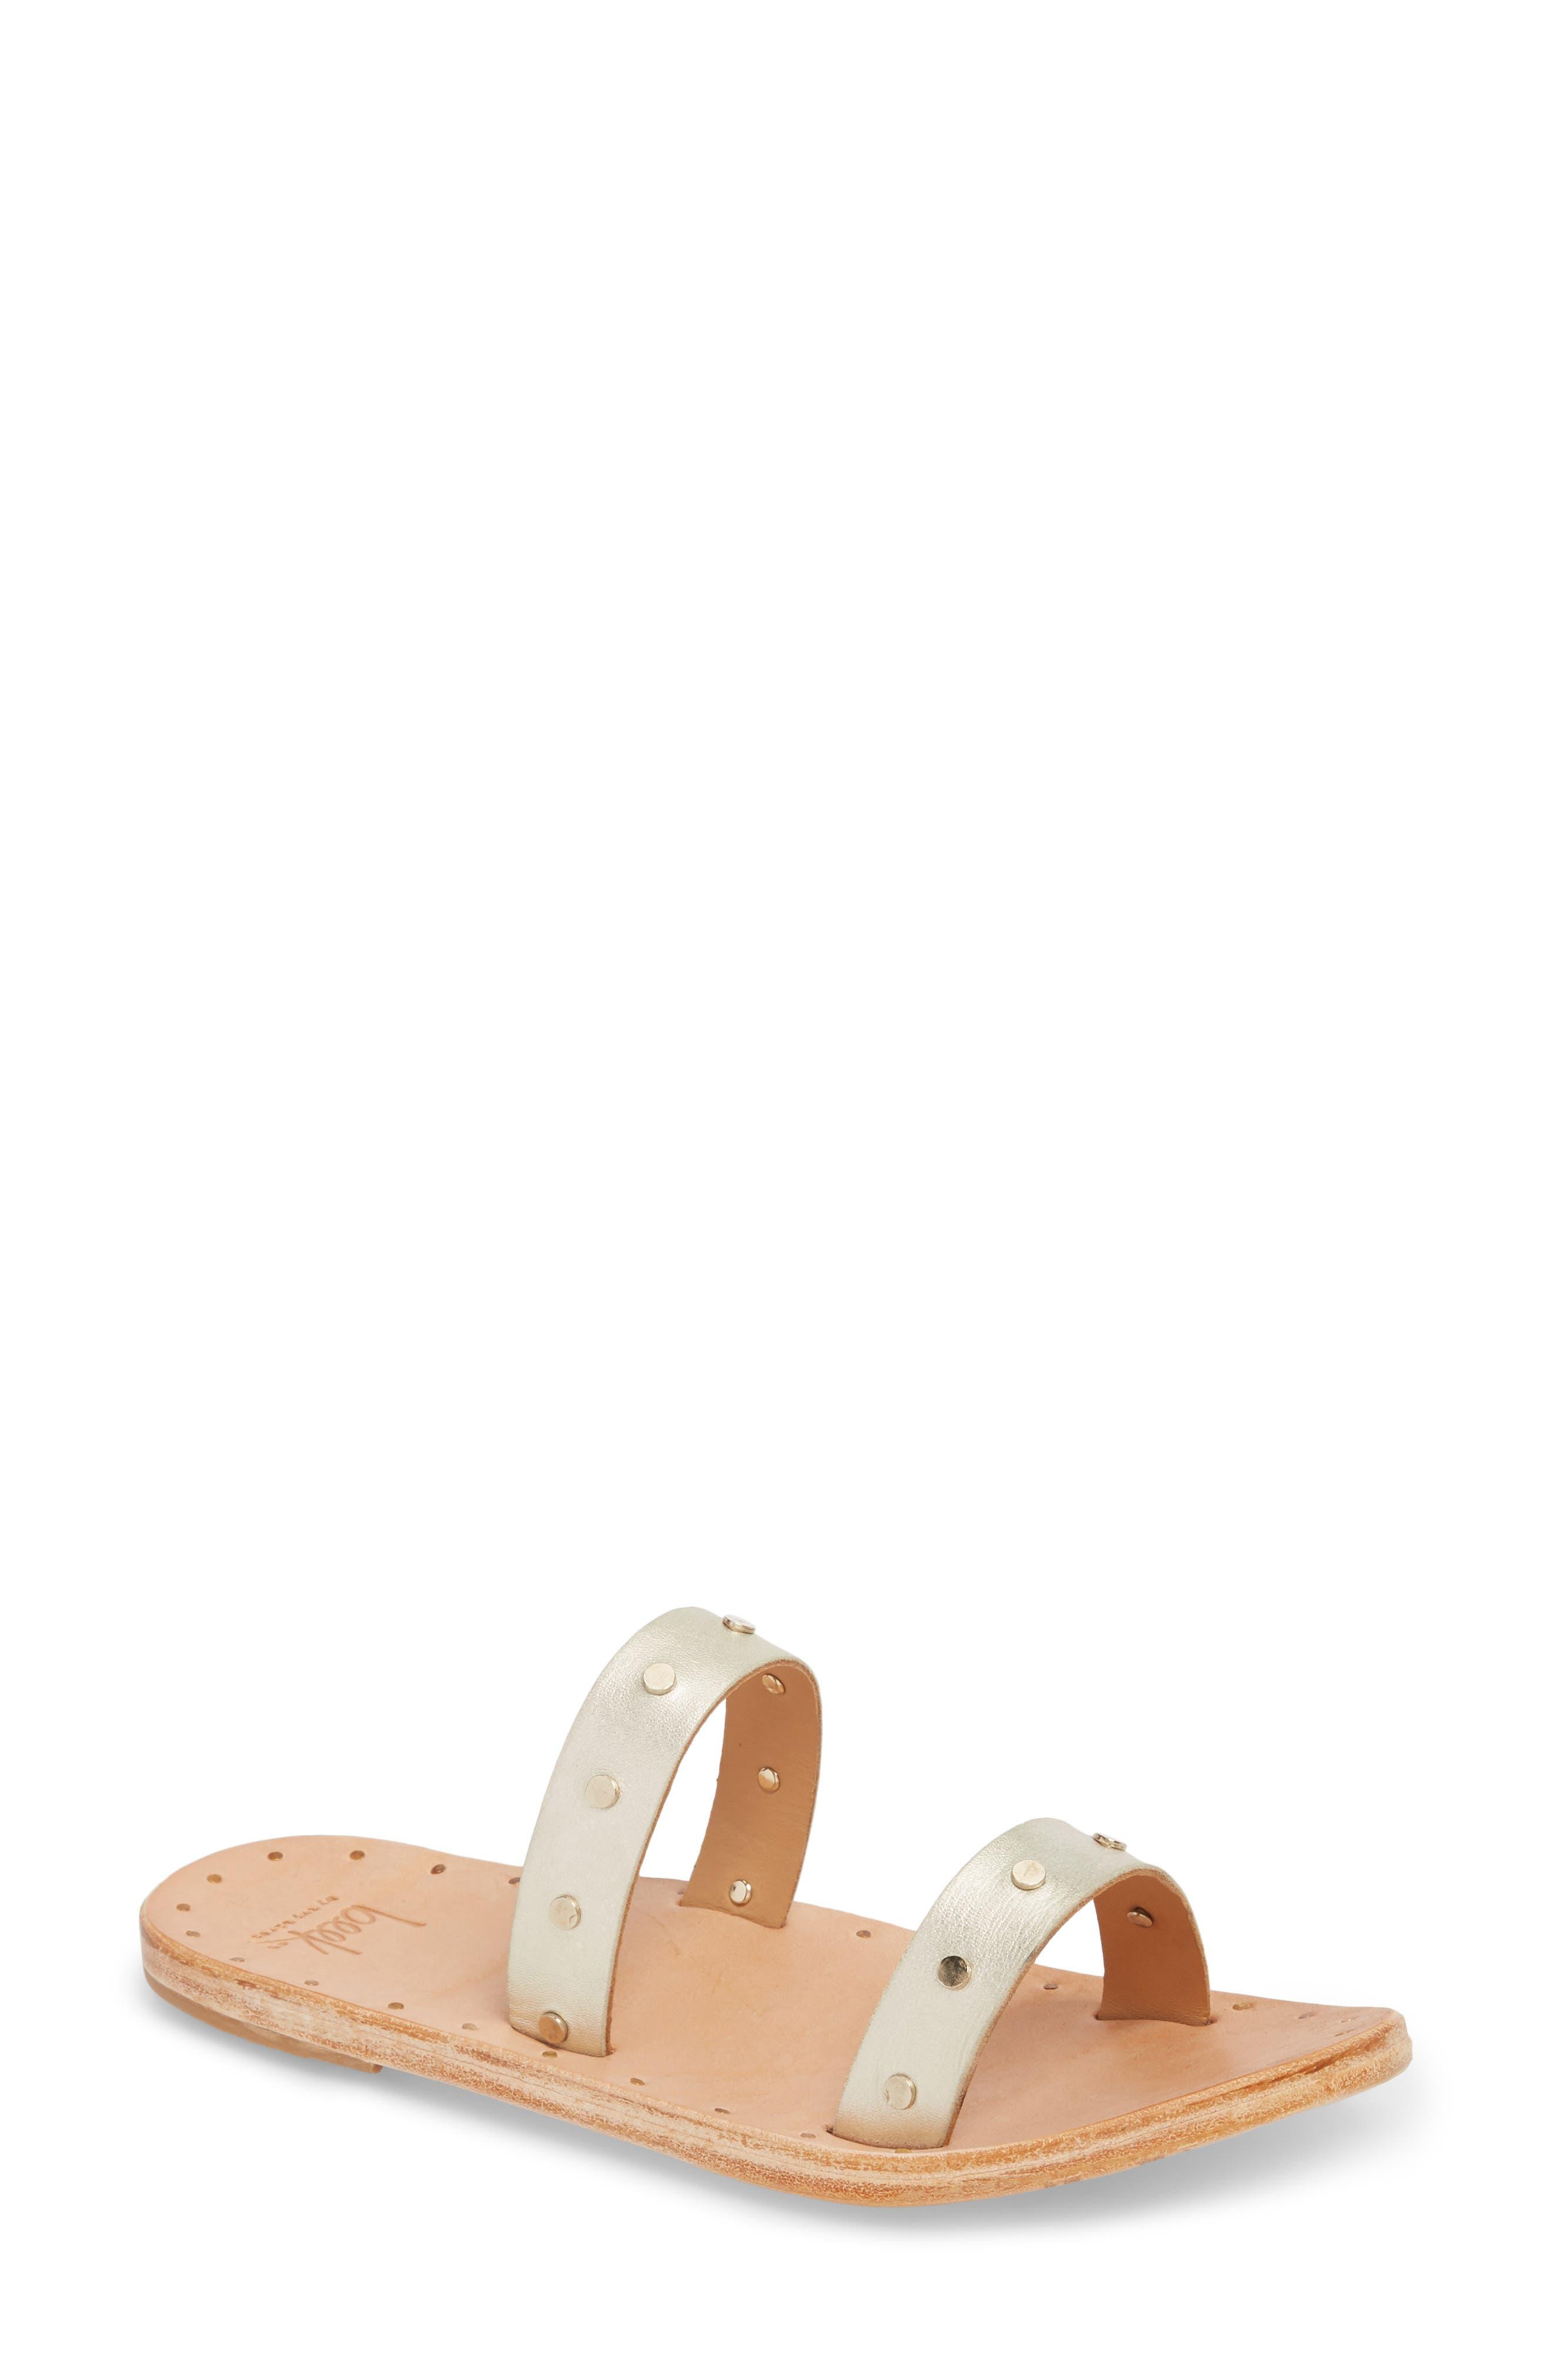 Woodpecker Studded Slide Sandal,                         Main,                         color, Platinum Gold/ Nat